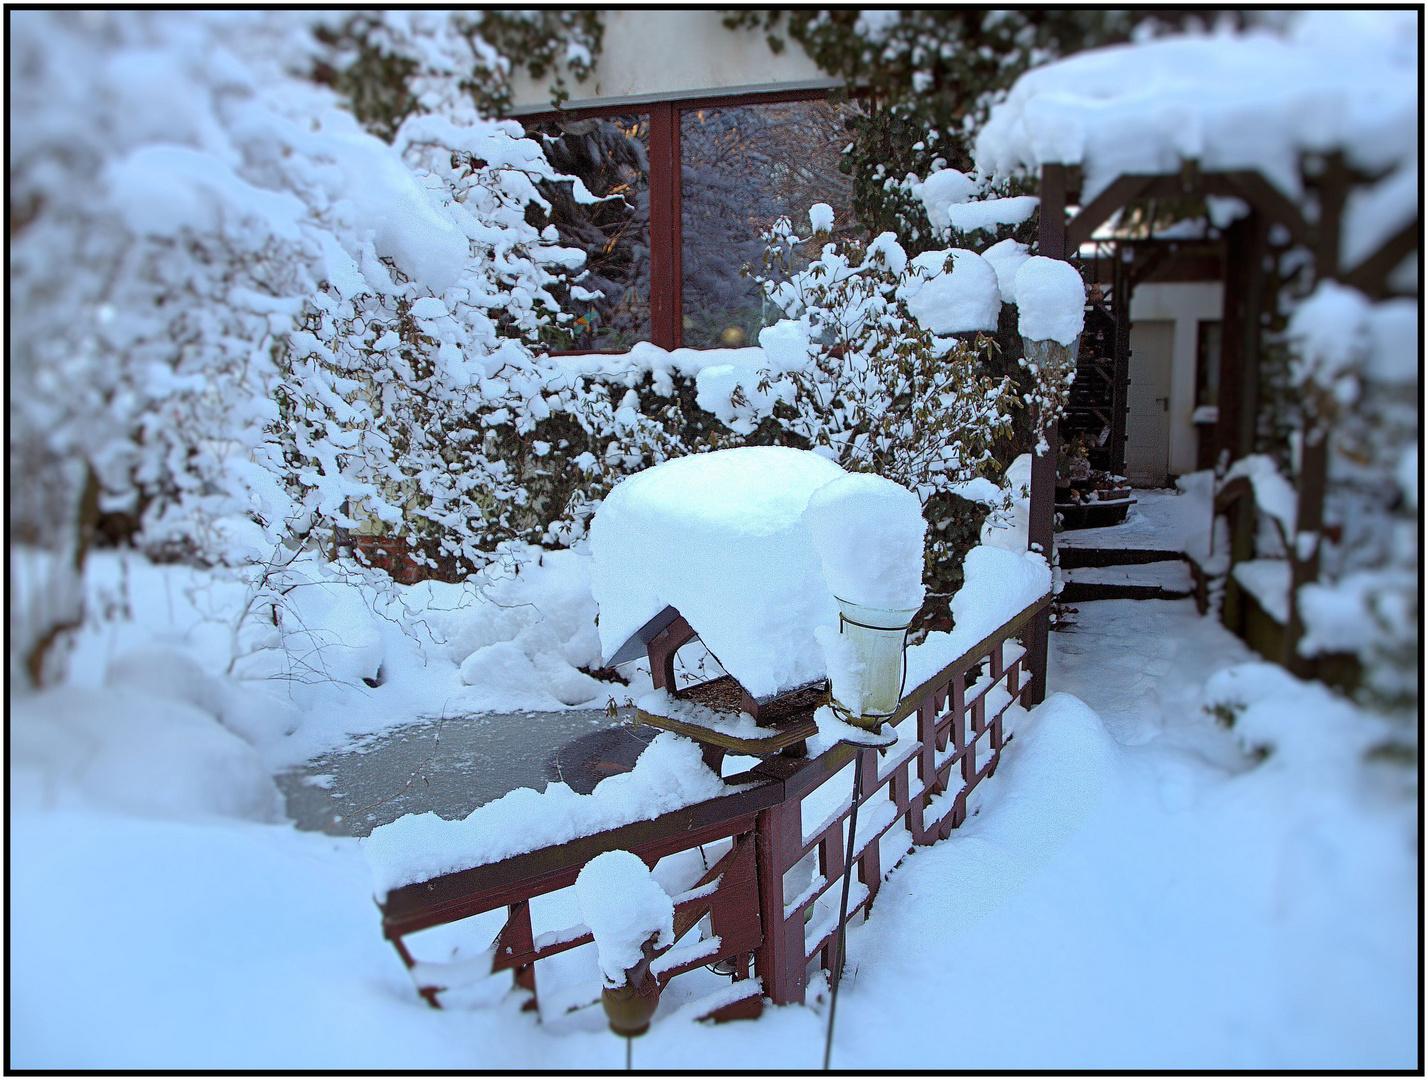 Winter-Wunder-Welt